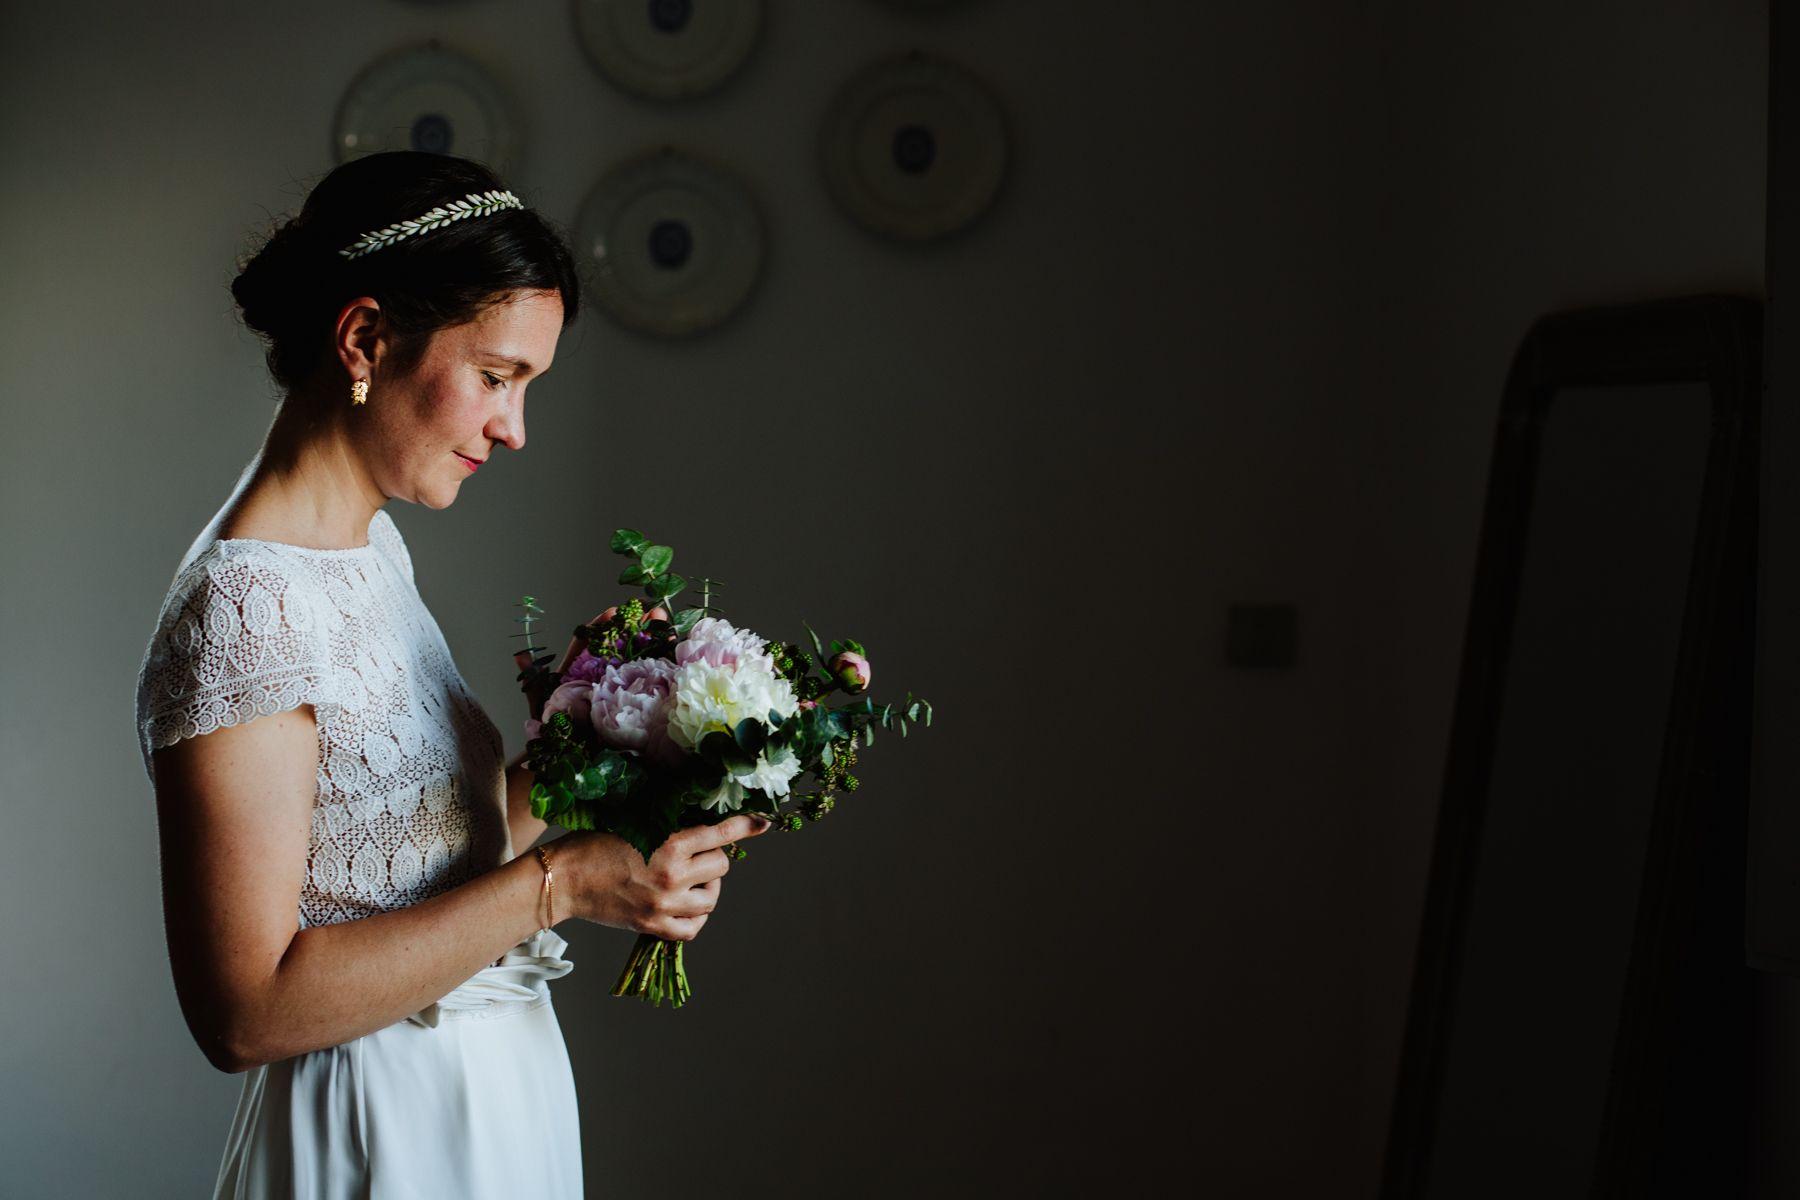 Bouquet Sposa Quando Si Lancia.Pin Su Alessandro Massara Fotografo Matrimoni